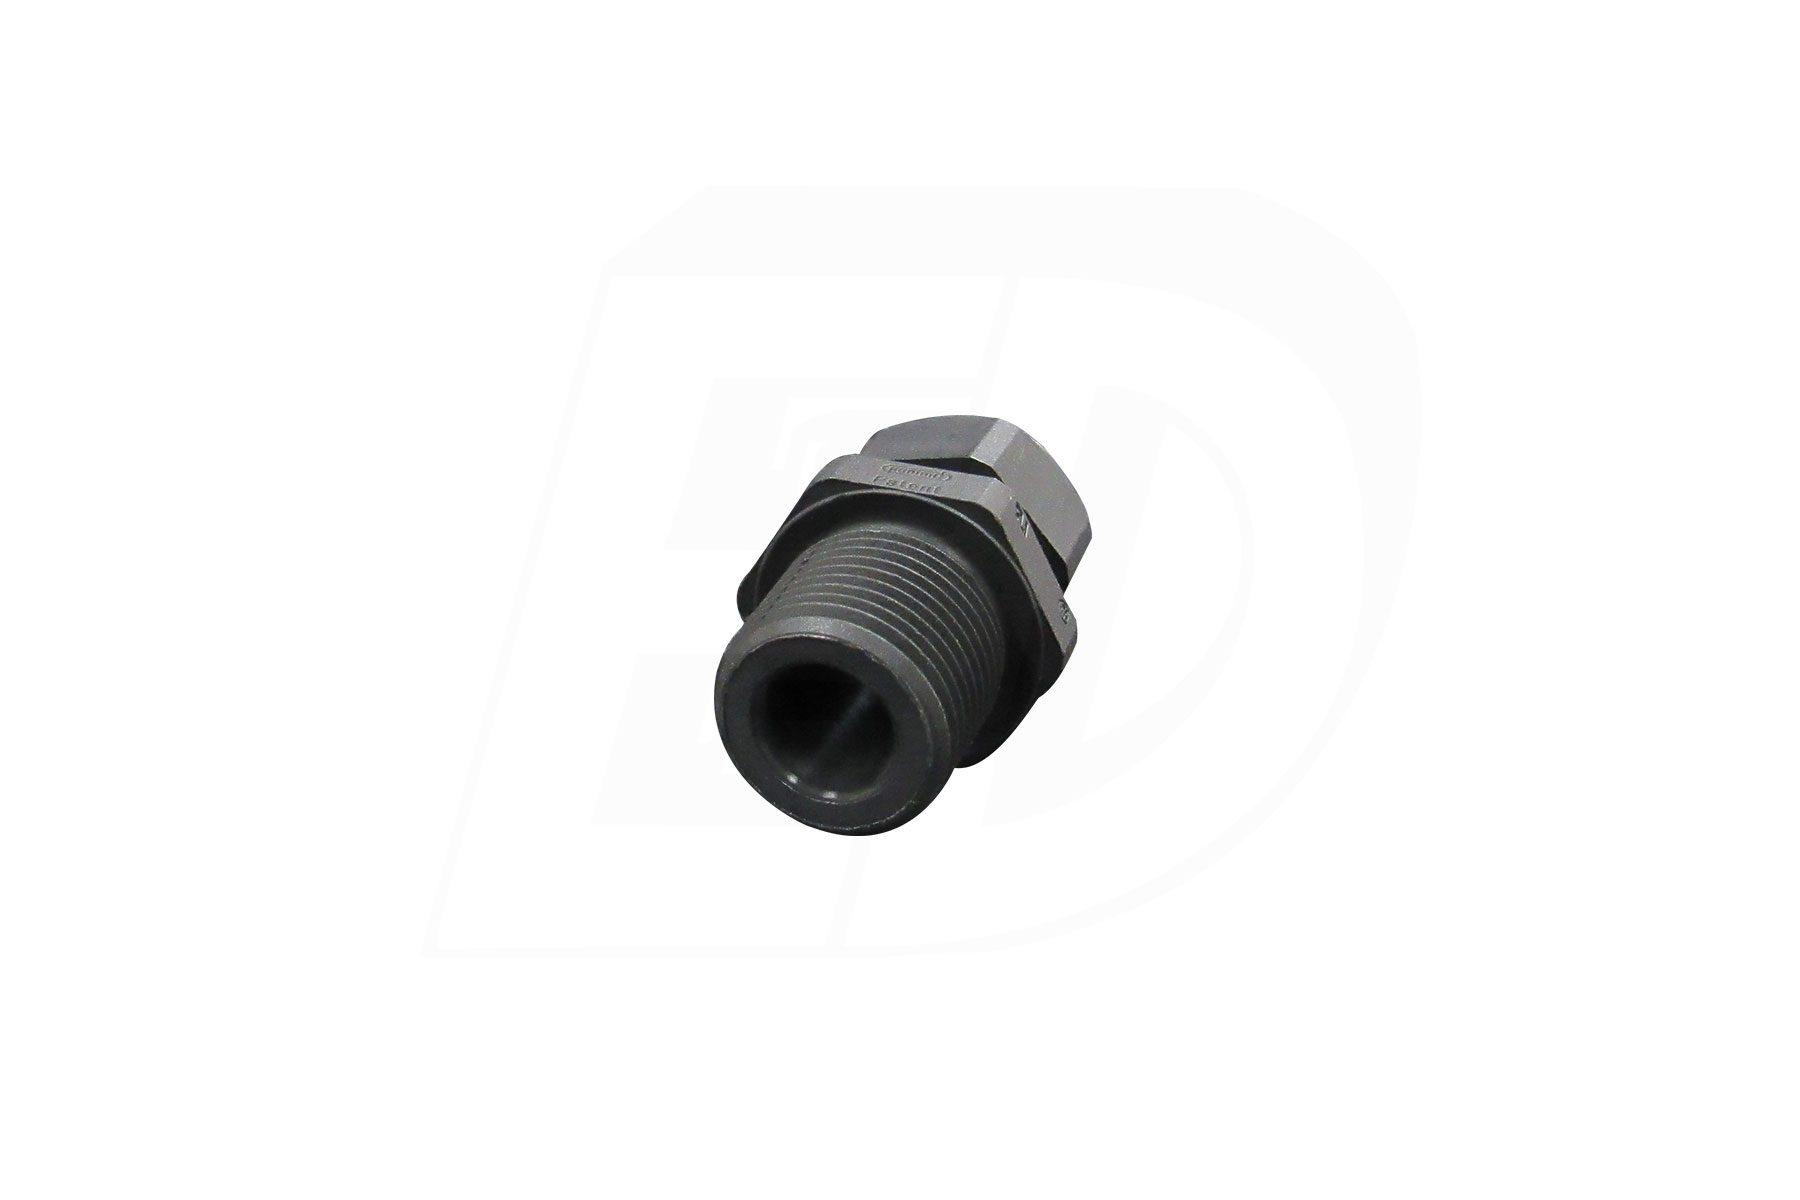 Nylon Straight Liquid Tight Cable Strain Relief Connector